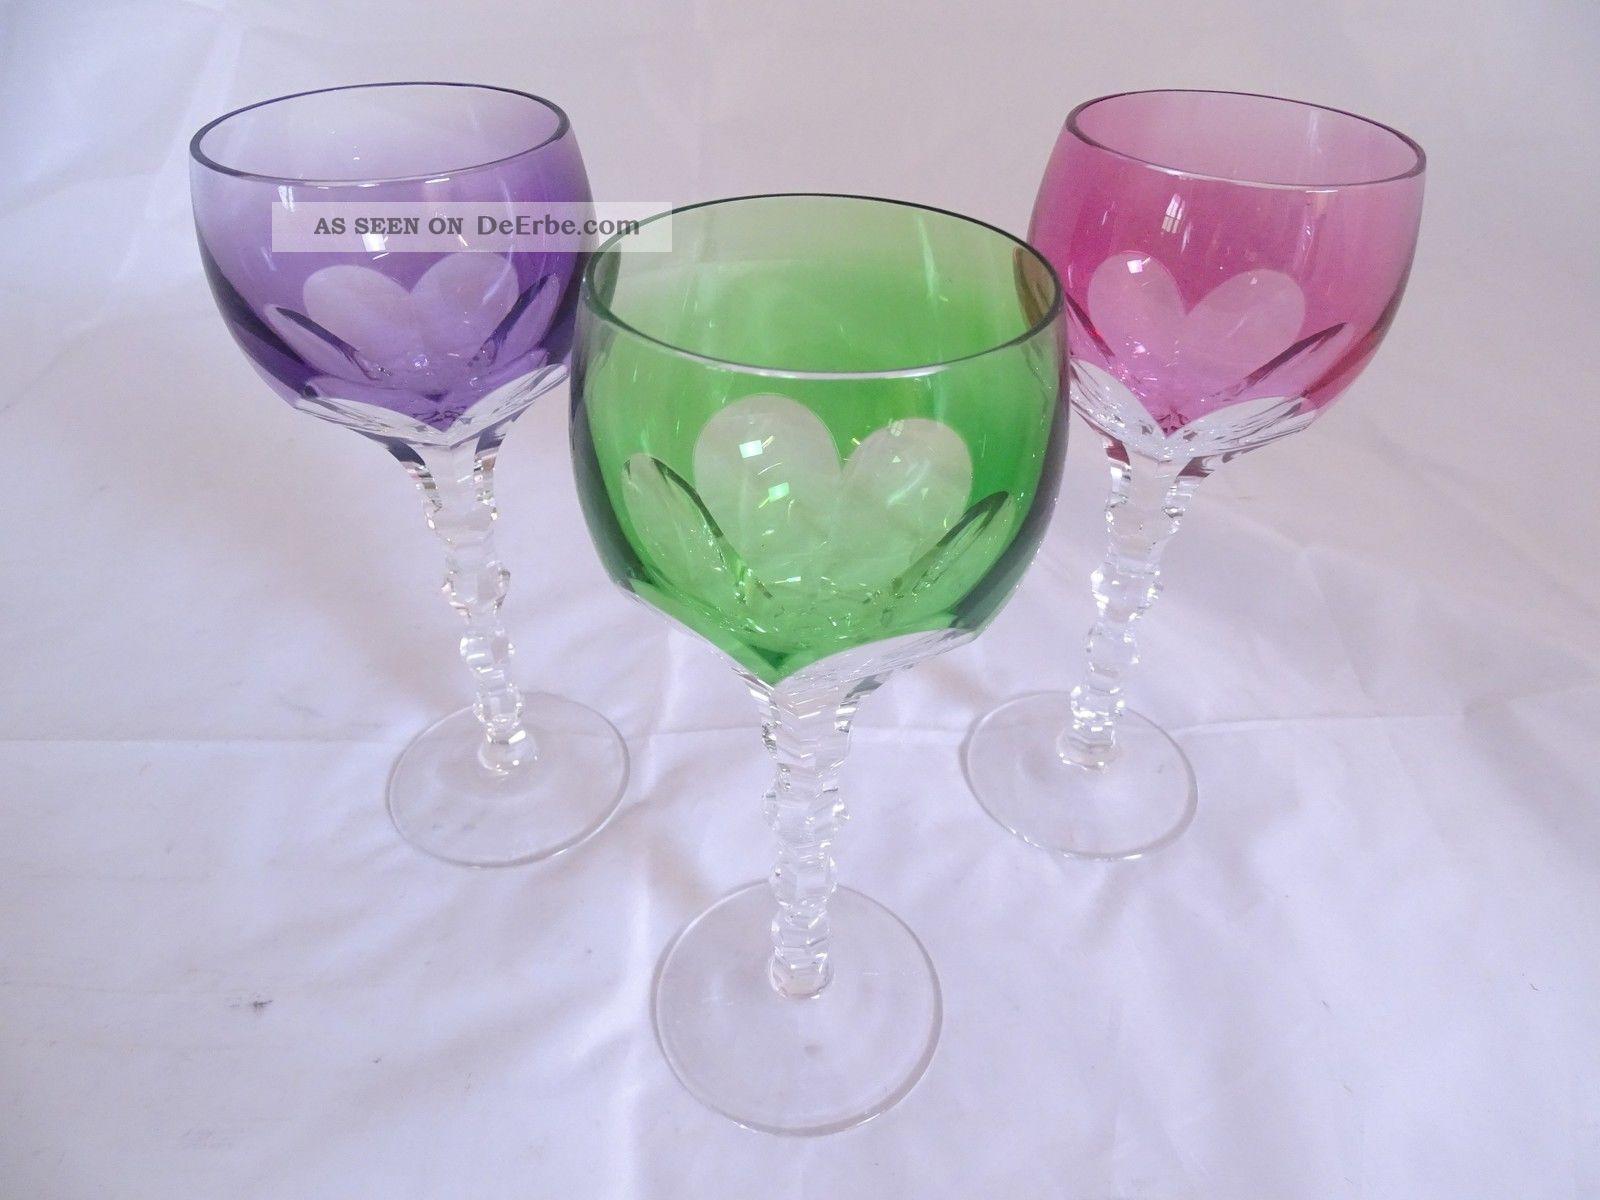 3 Bleikristall Glas Wein Römer Weingläser Vintage Retro Farbig Kristall Bild